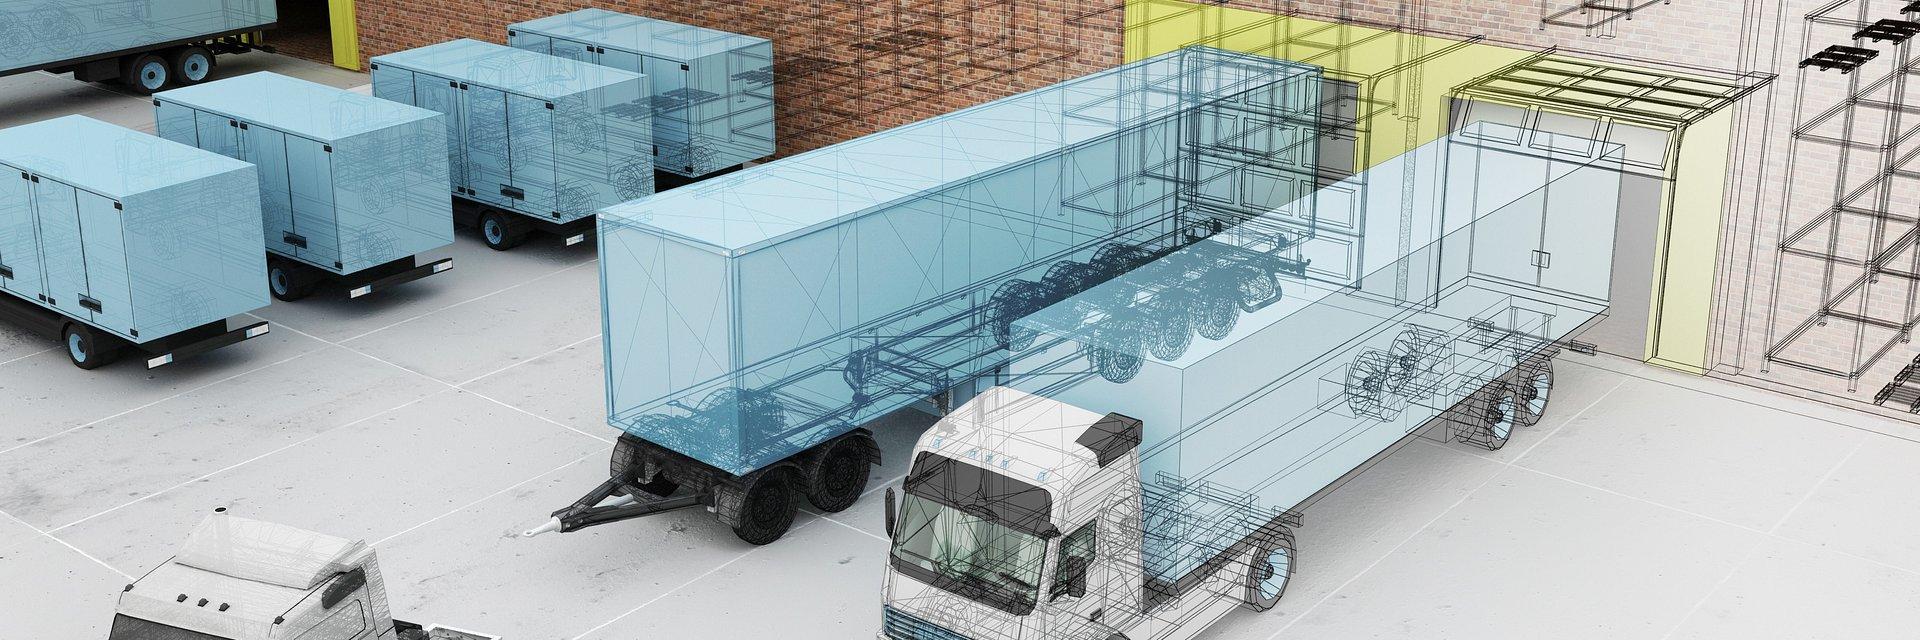 Pięć prognoz dla logistyki, produkcji i handlu